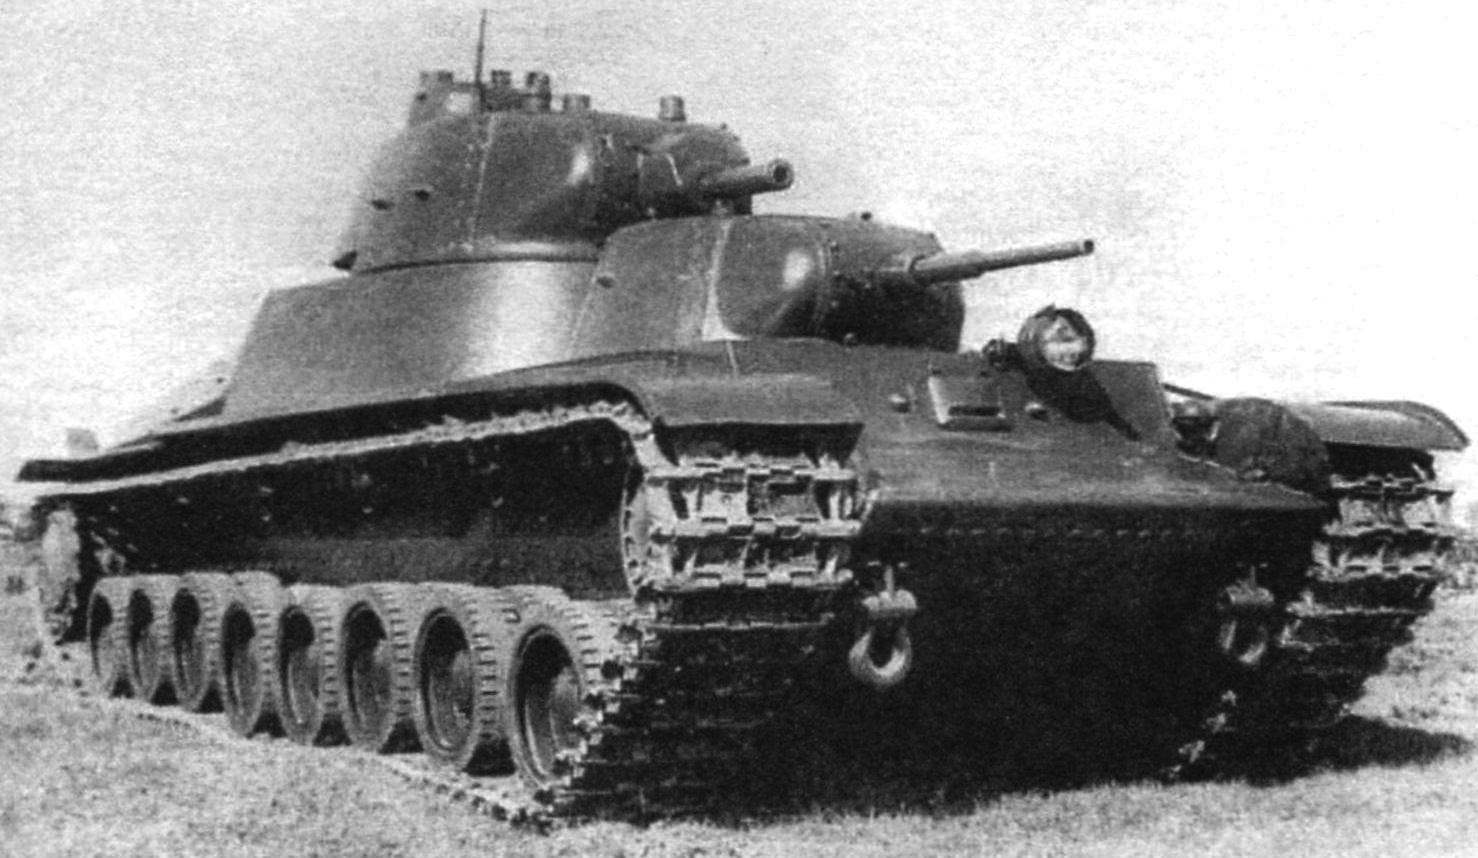 Тяжёлый двухбашенный танк Т-100. Единственный опытный образец. Август 1939 г.